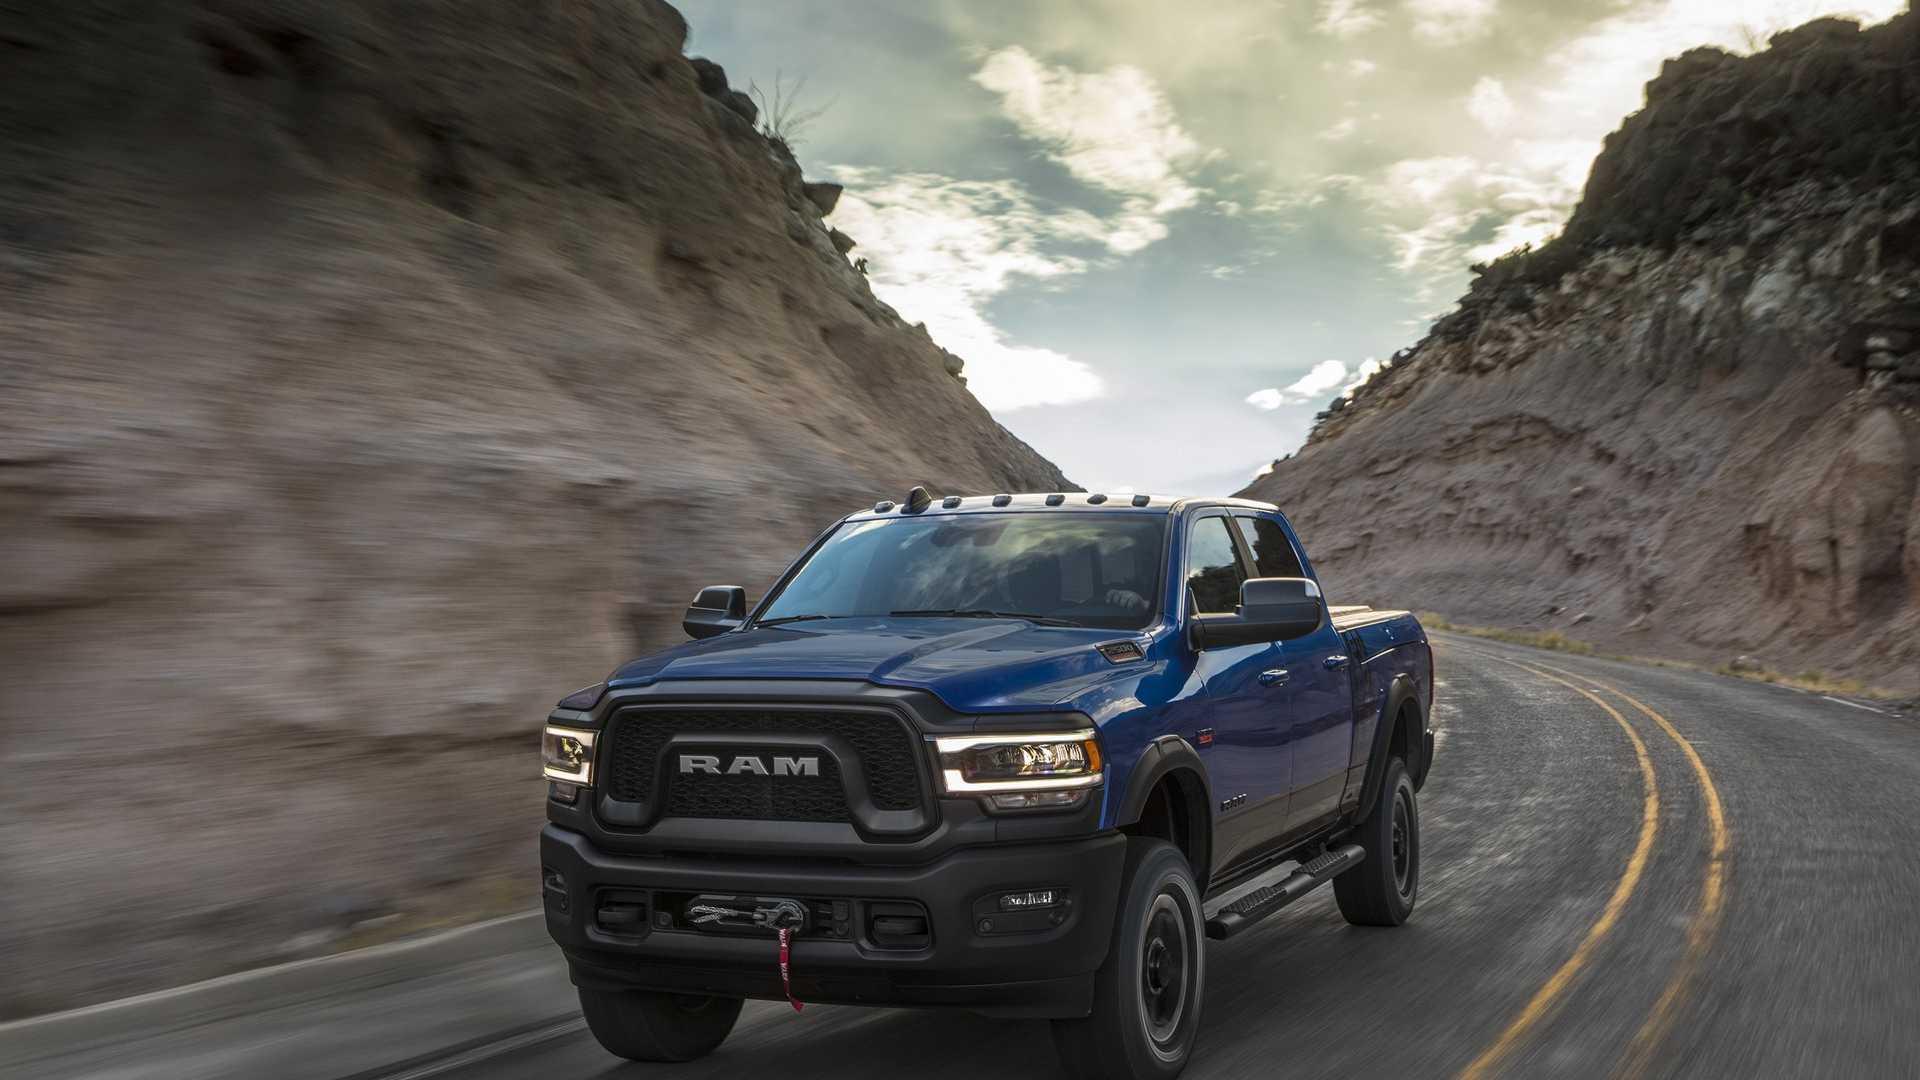 2019-ram-heavy-duty-exterior (74)